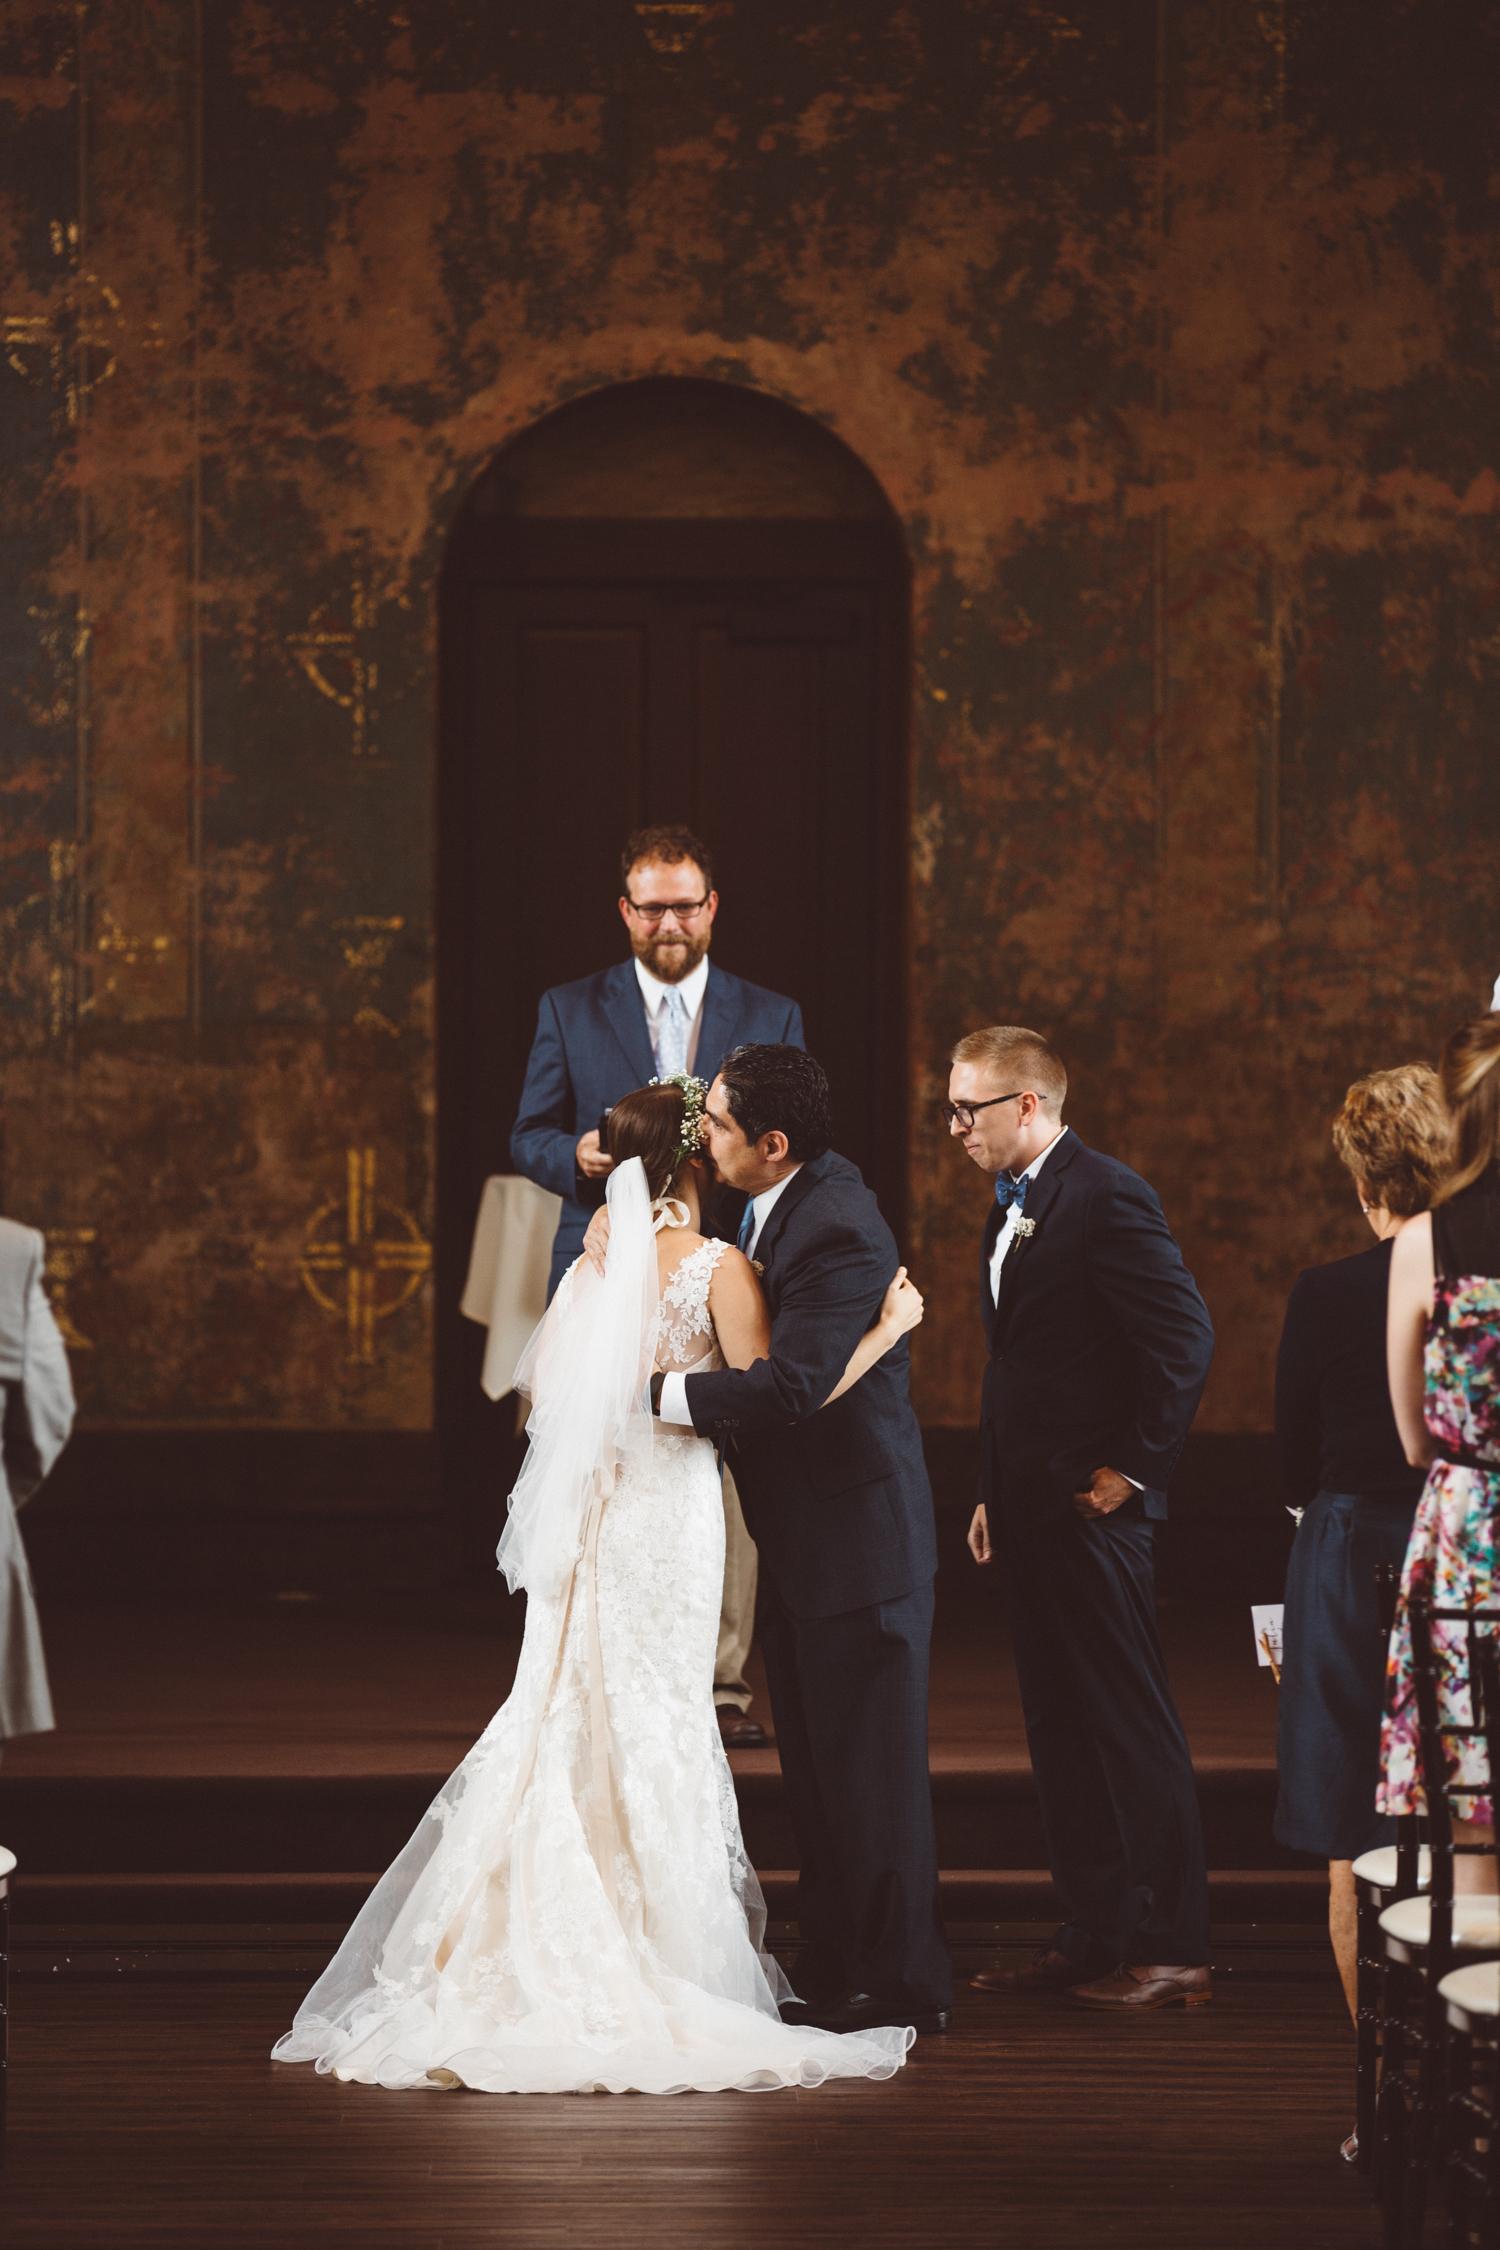 KDP_julia&jake_wedding-603.JPG